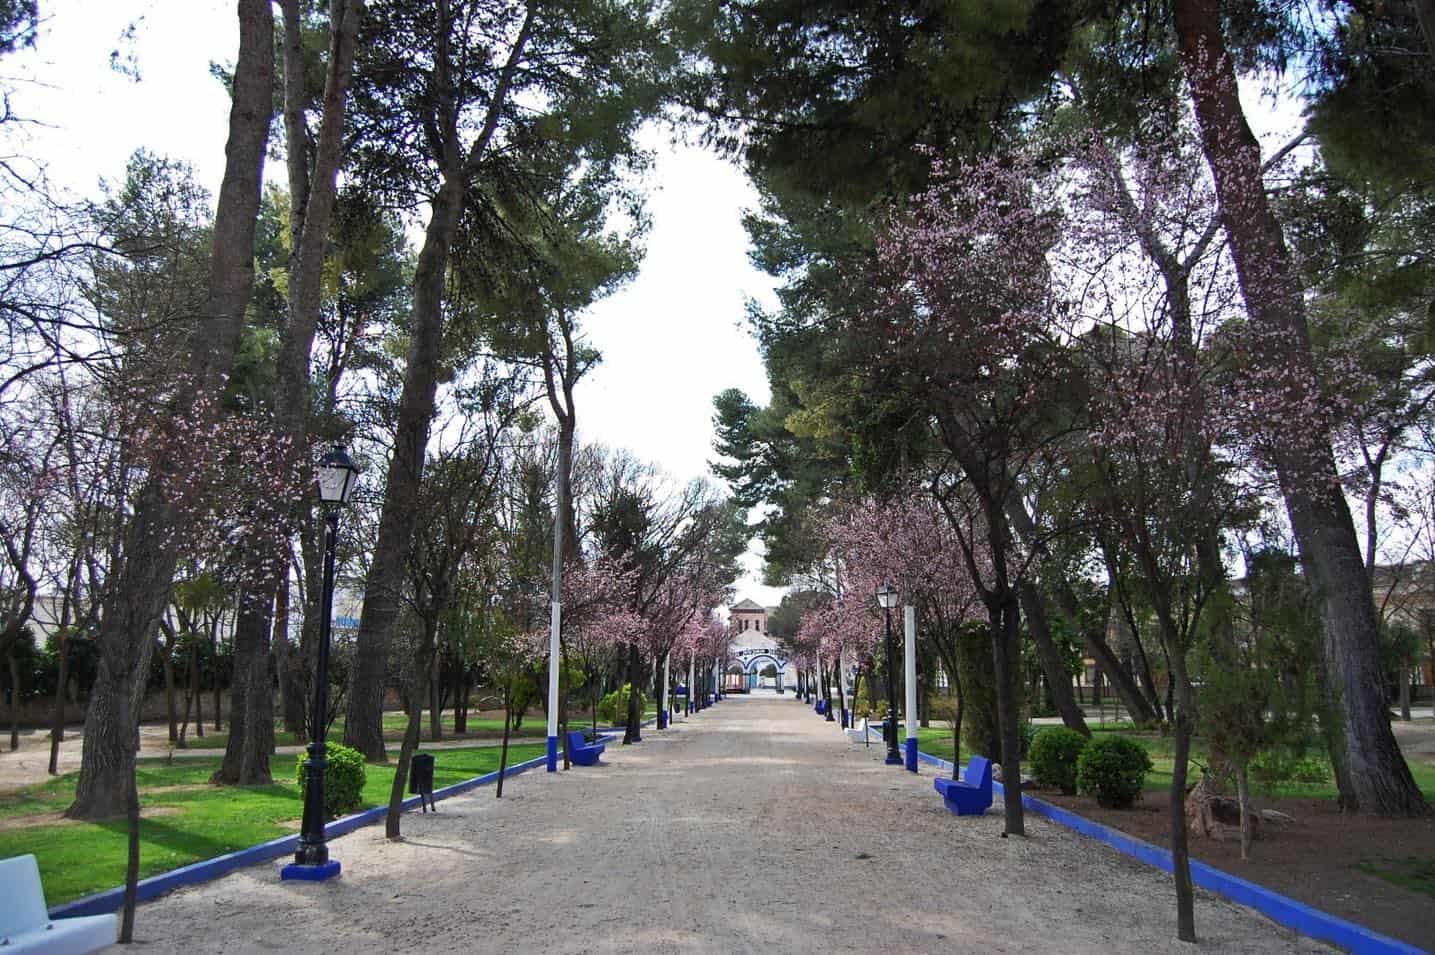 El Parque de Herencia lucirá su nueva iluminación artística por su 75 aniversario 3